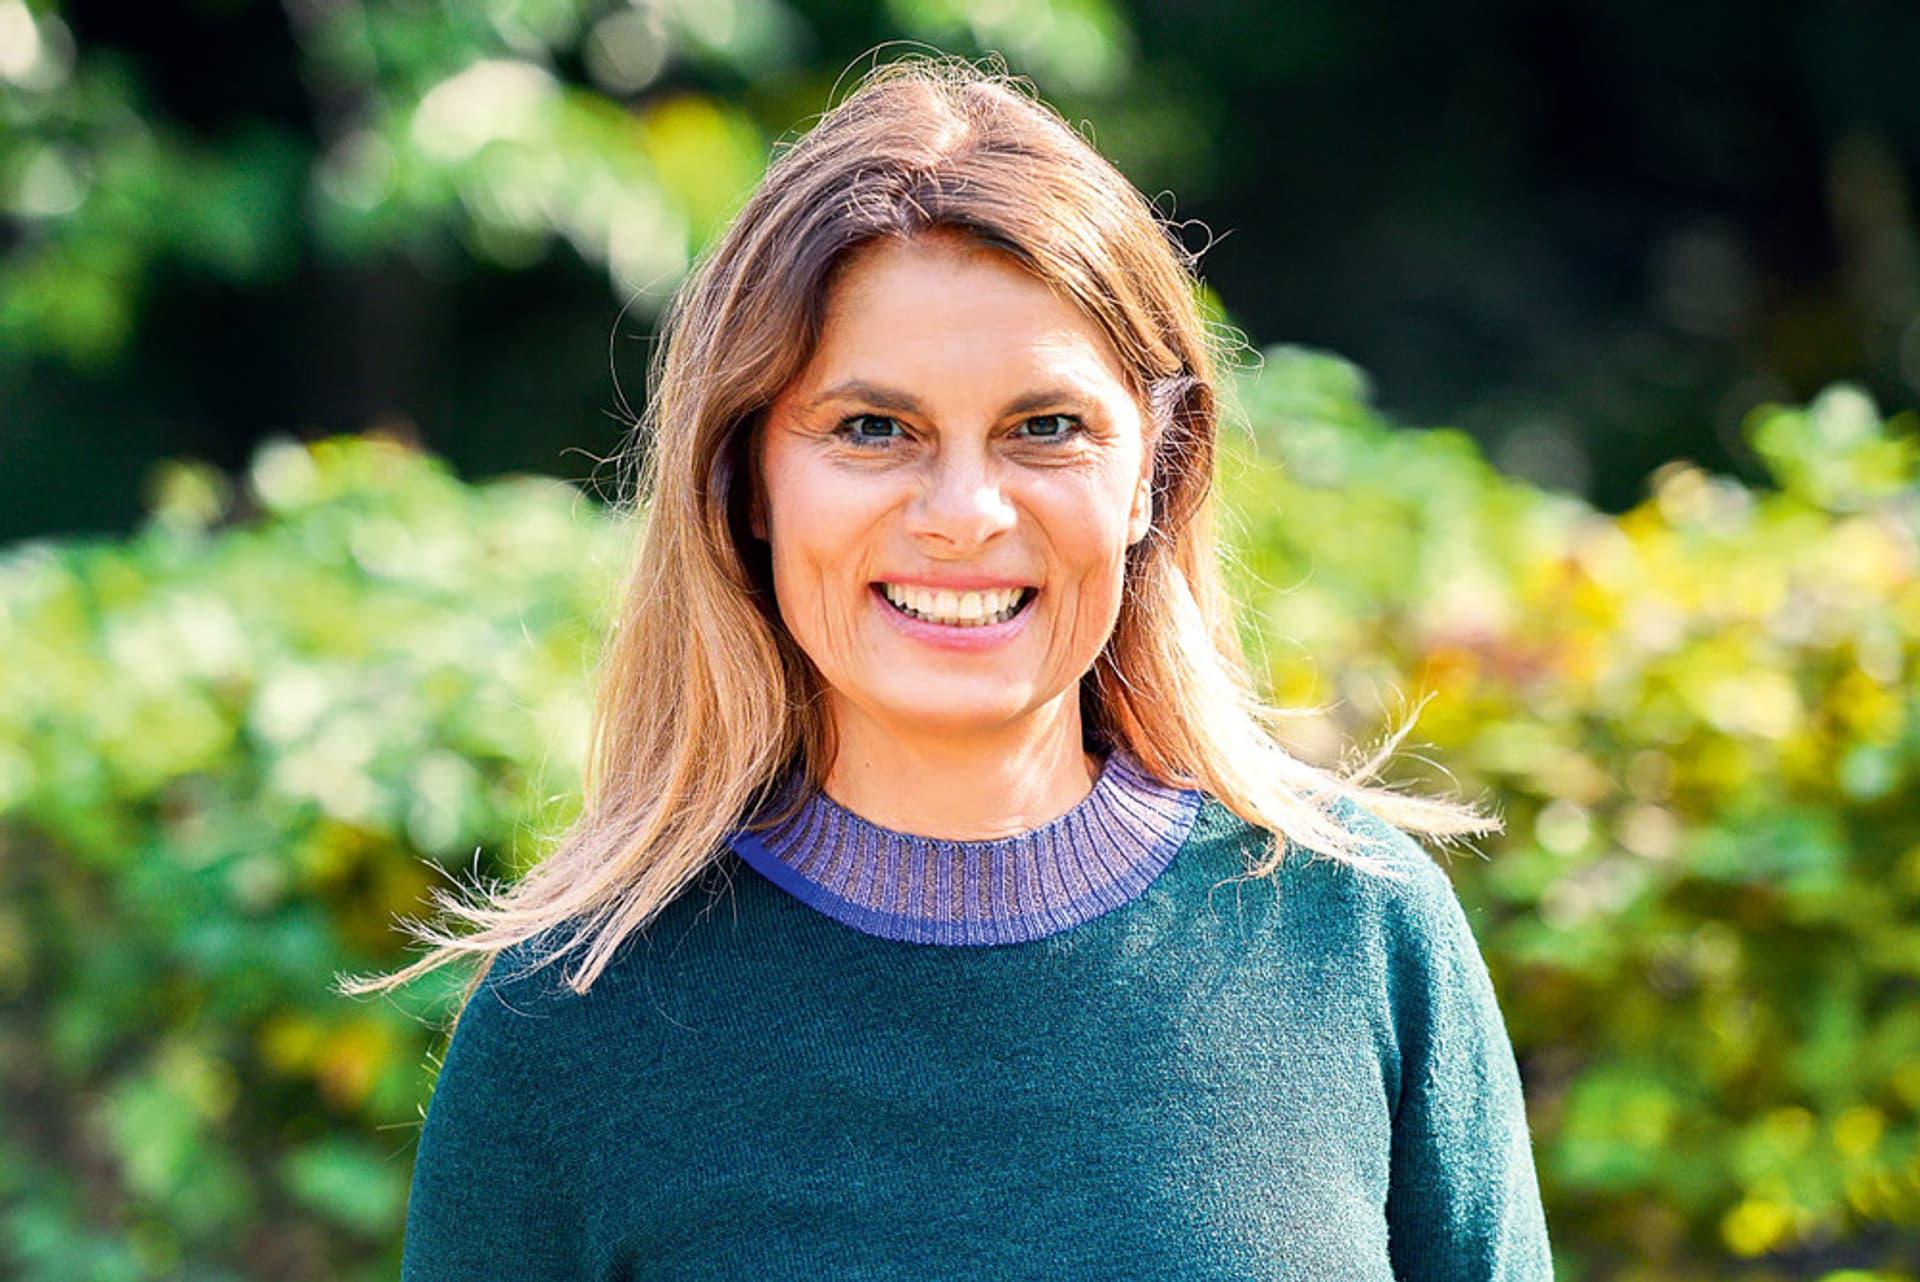 Sarah Wiener (helle Haut, langes hellbraunes, glattes Haar, grüner Wollpulli) steht im Grünen und lacht in die Kamera